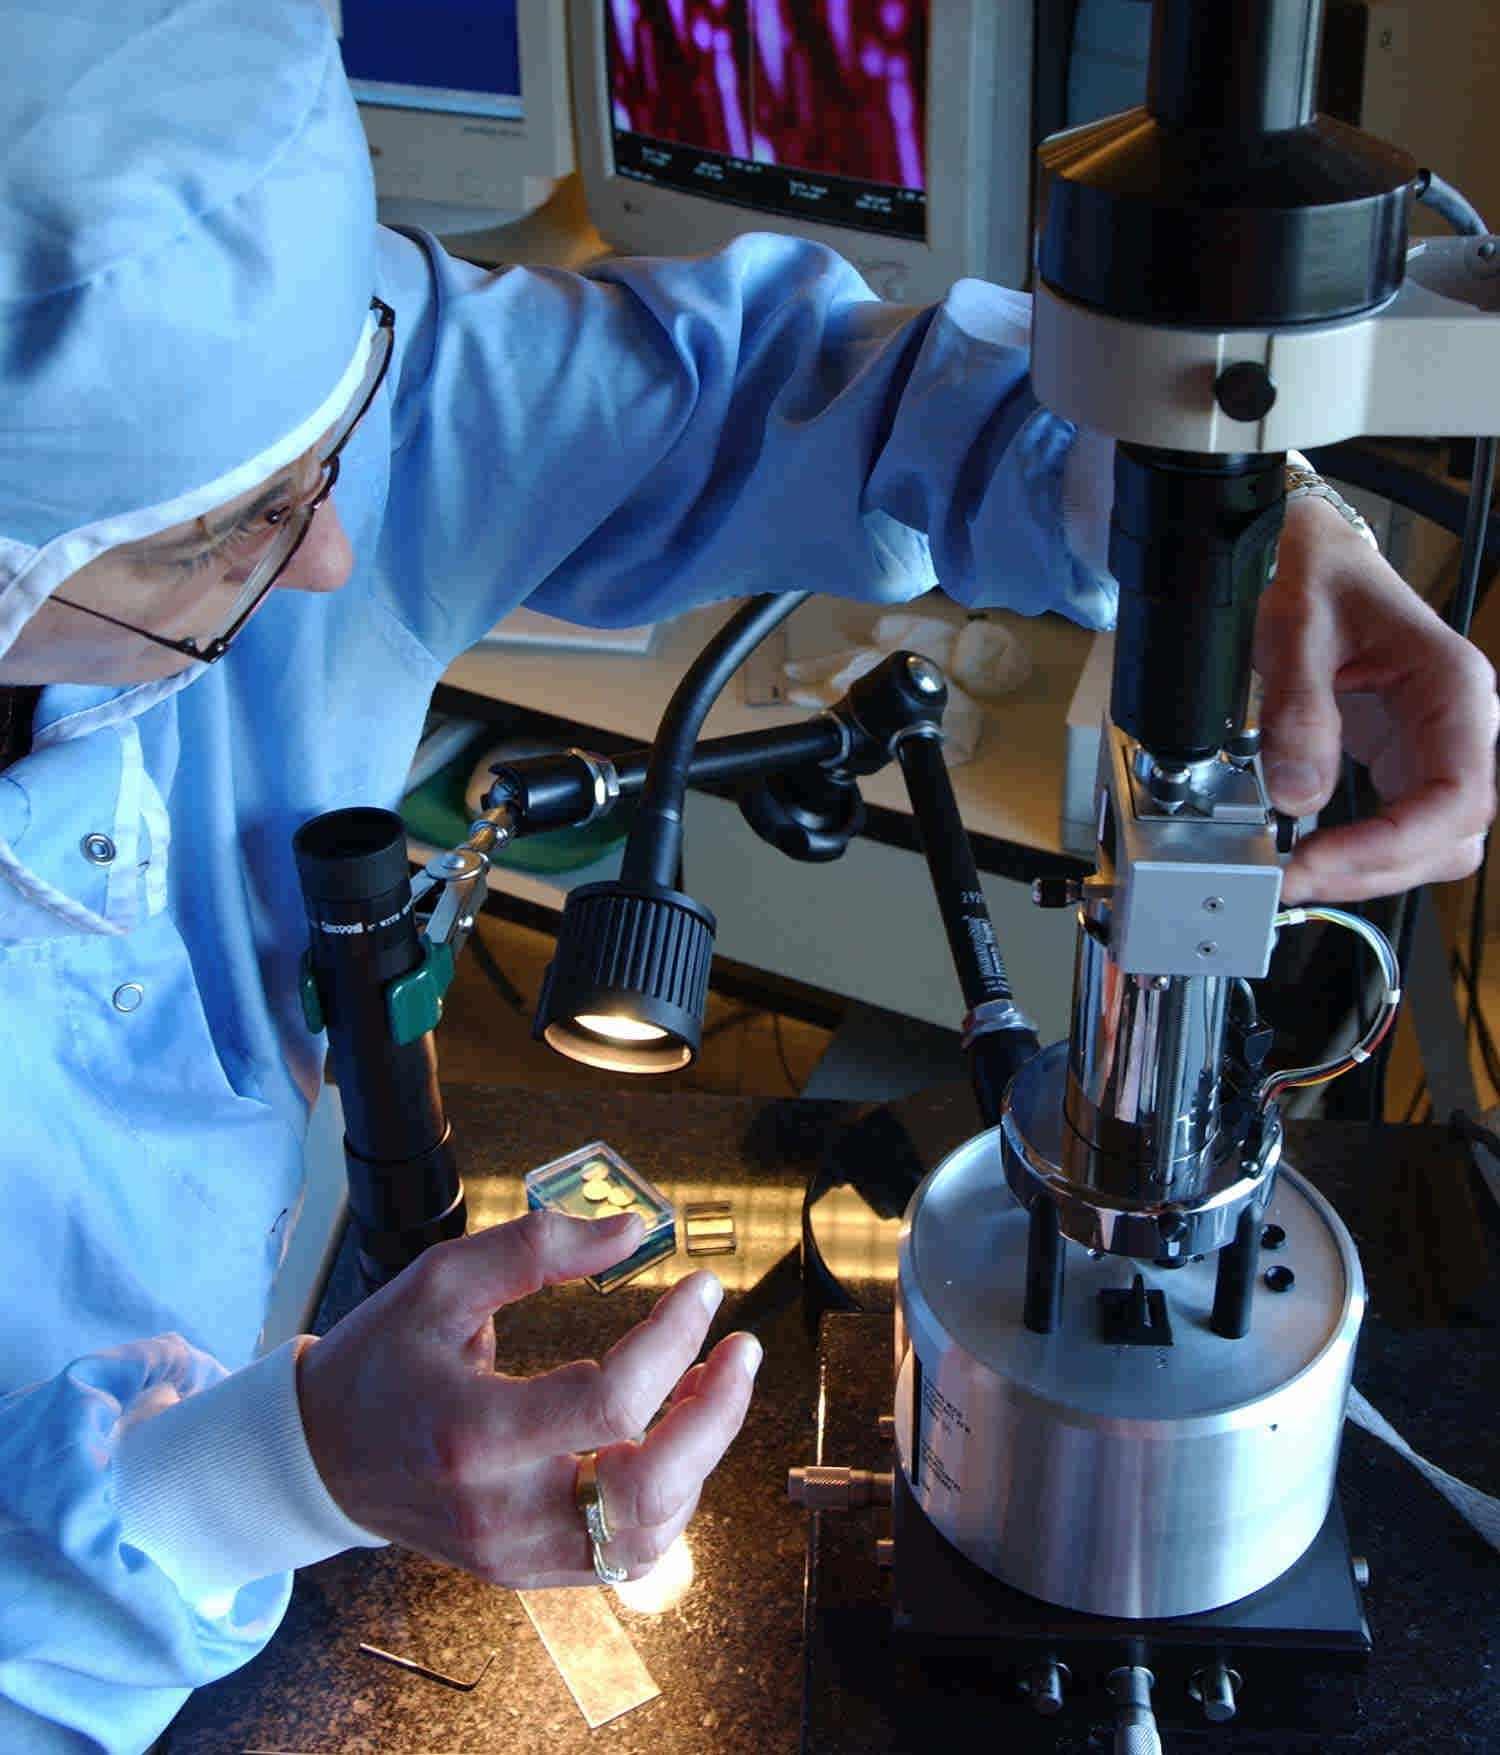 کاربرد آزمایشگاهی:میکروسکوپ نیروی اتمی AFM برای مشاهده نانو ساختار